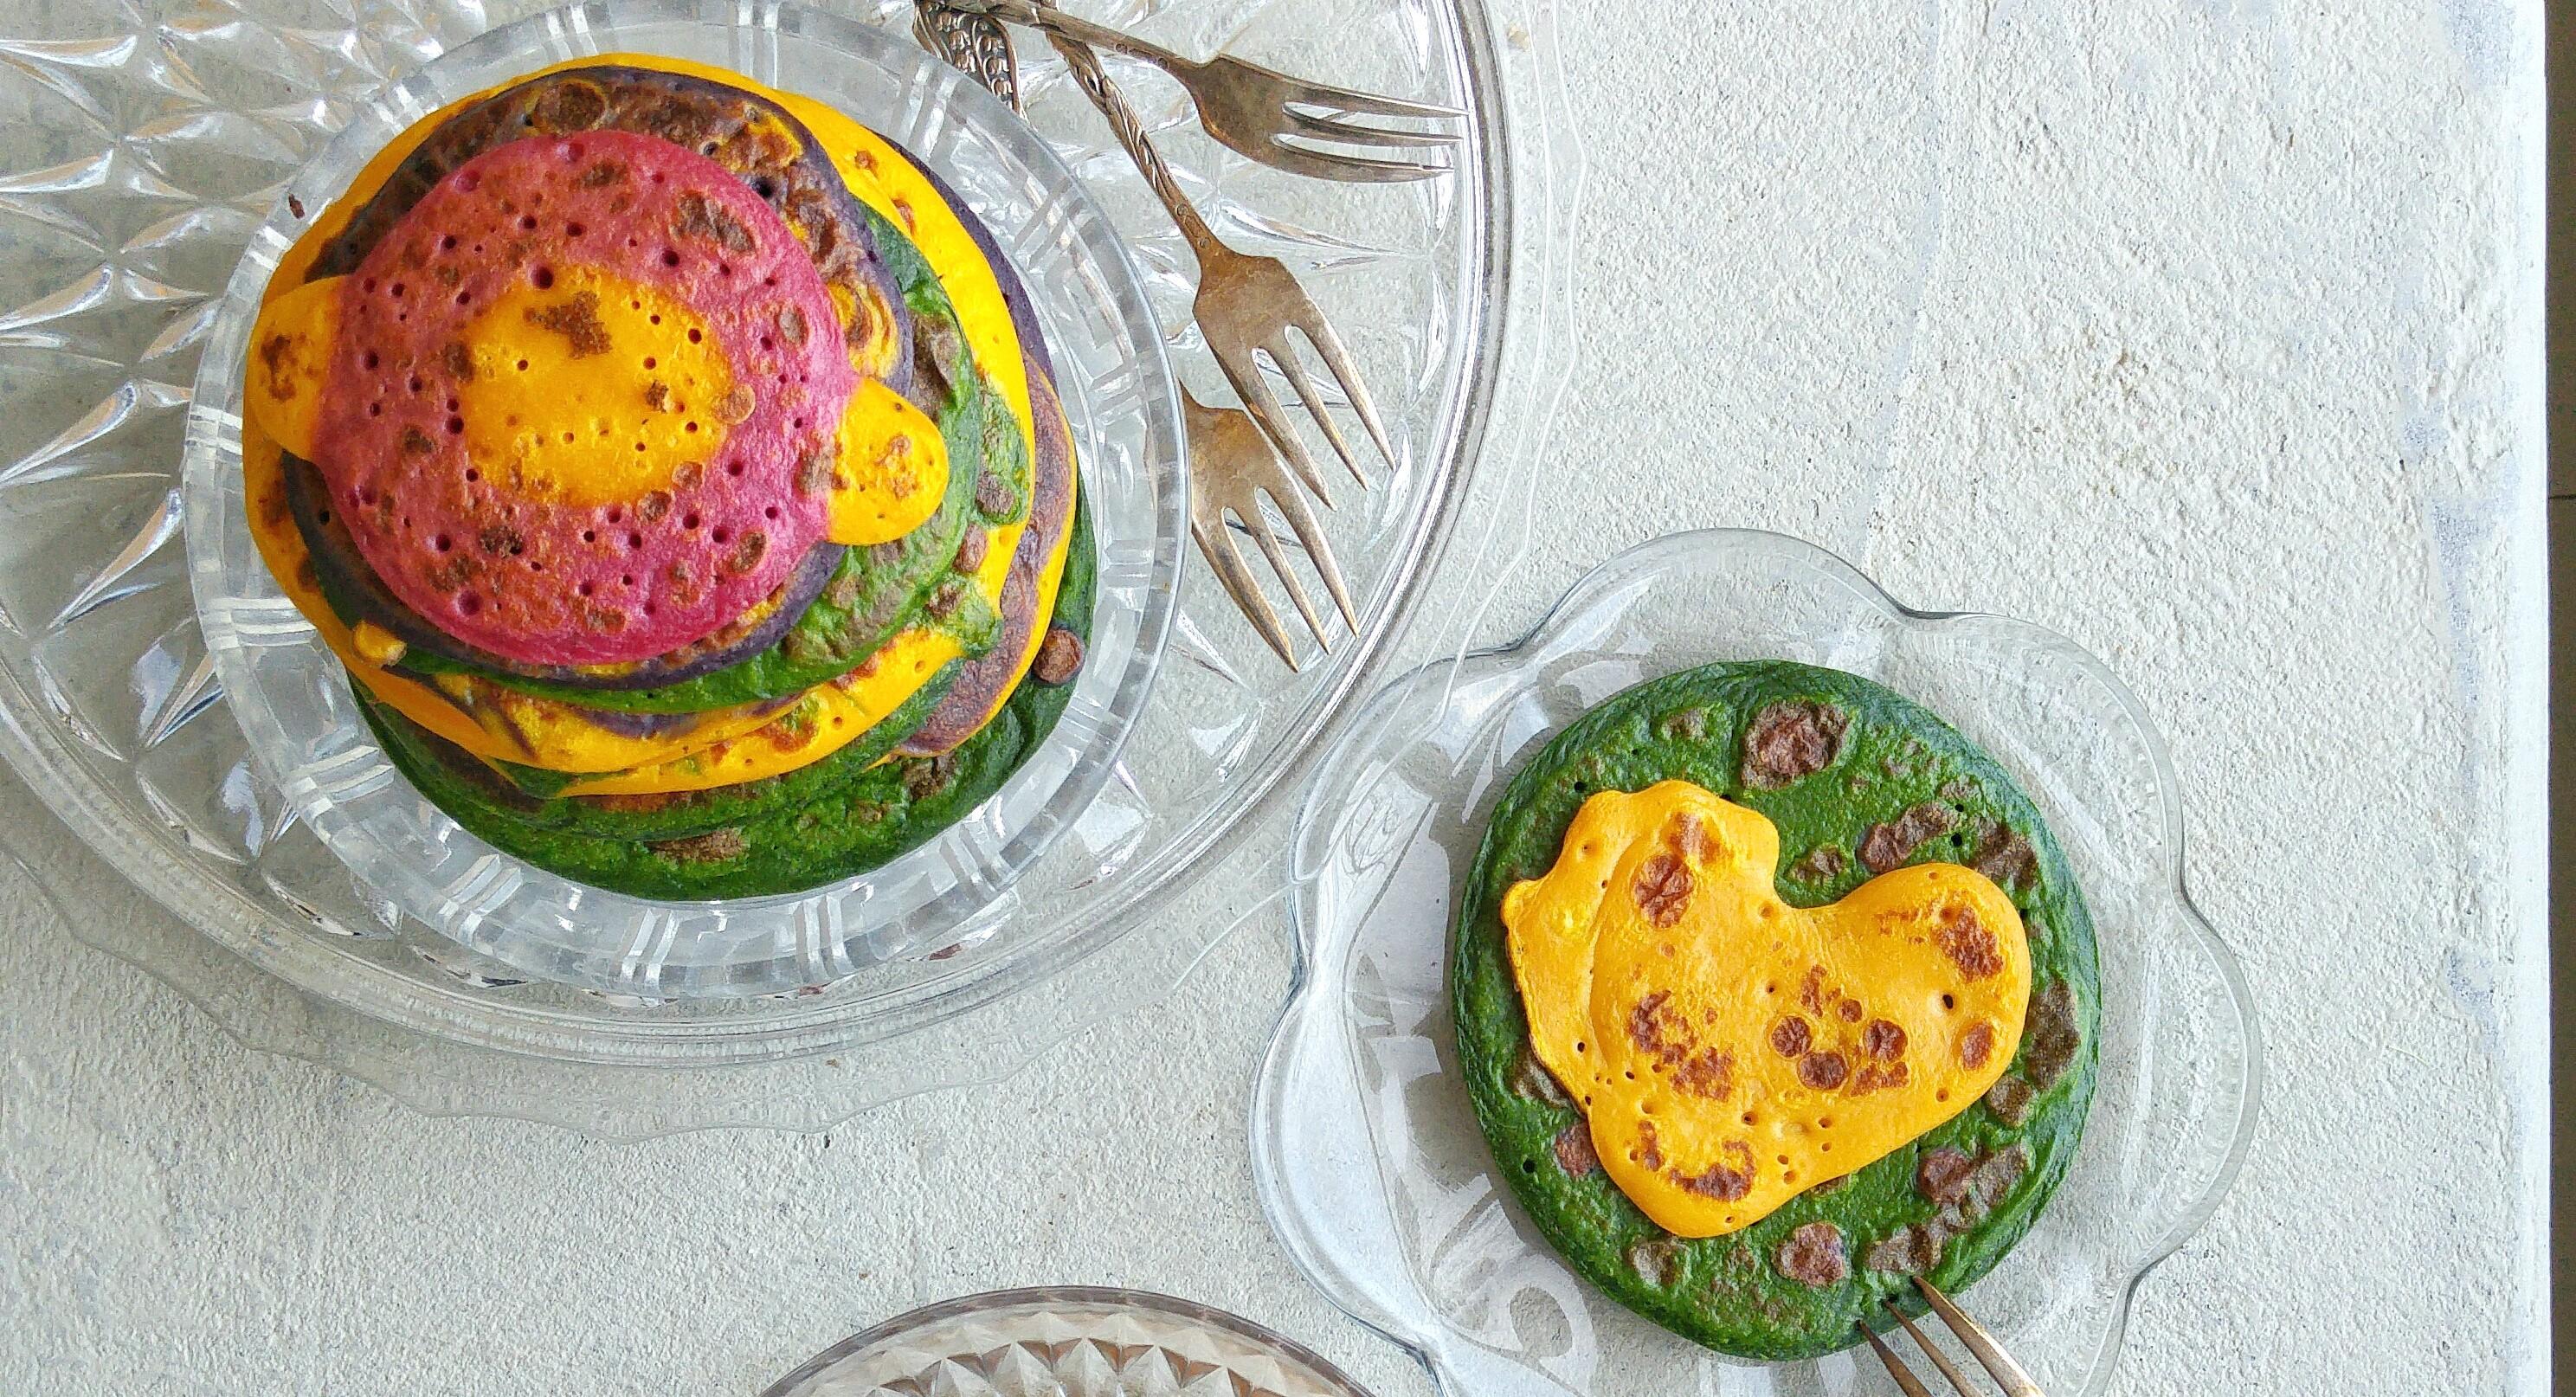 regenboog-pannenkoekjes-pasen-recept